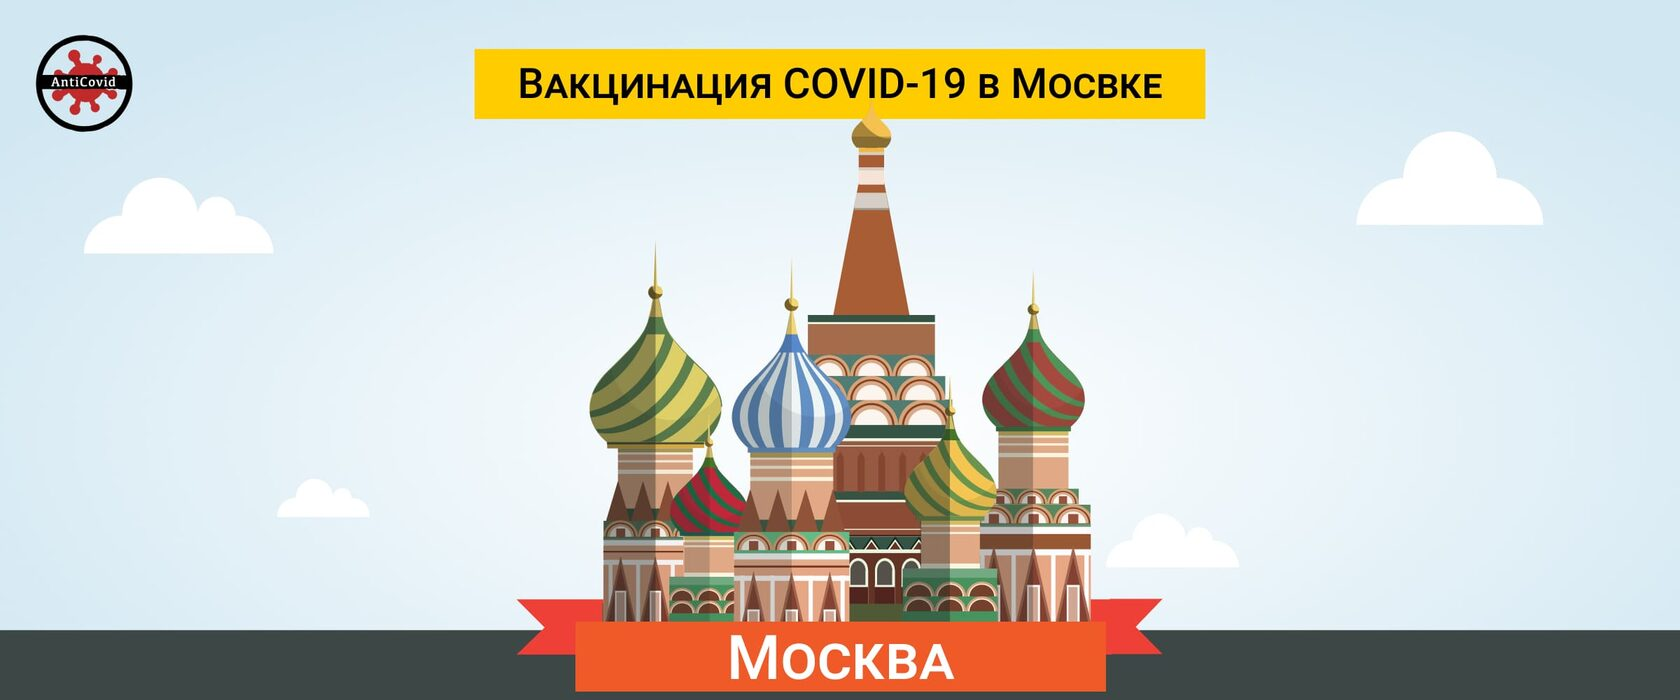 Вакцинация COVID-19 в Мосвке